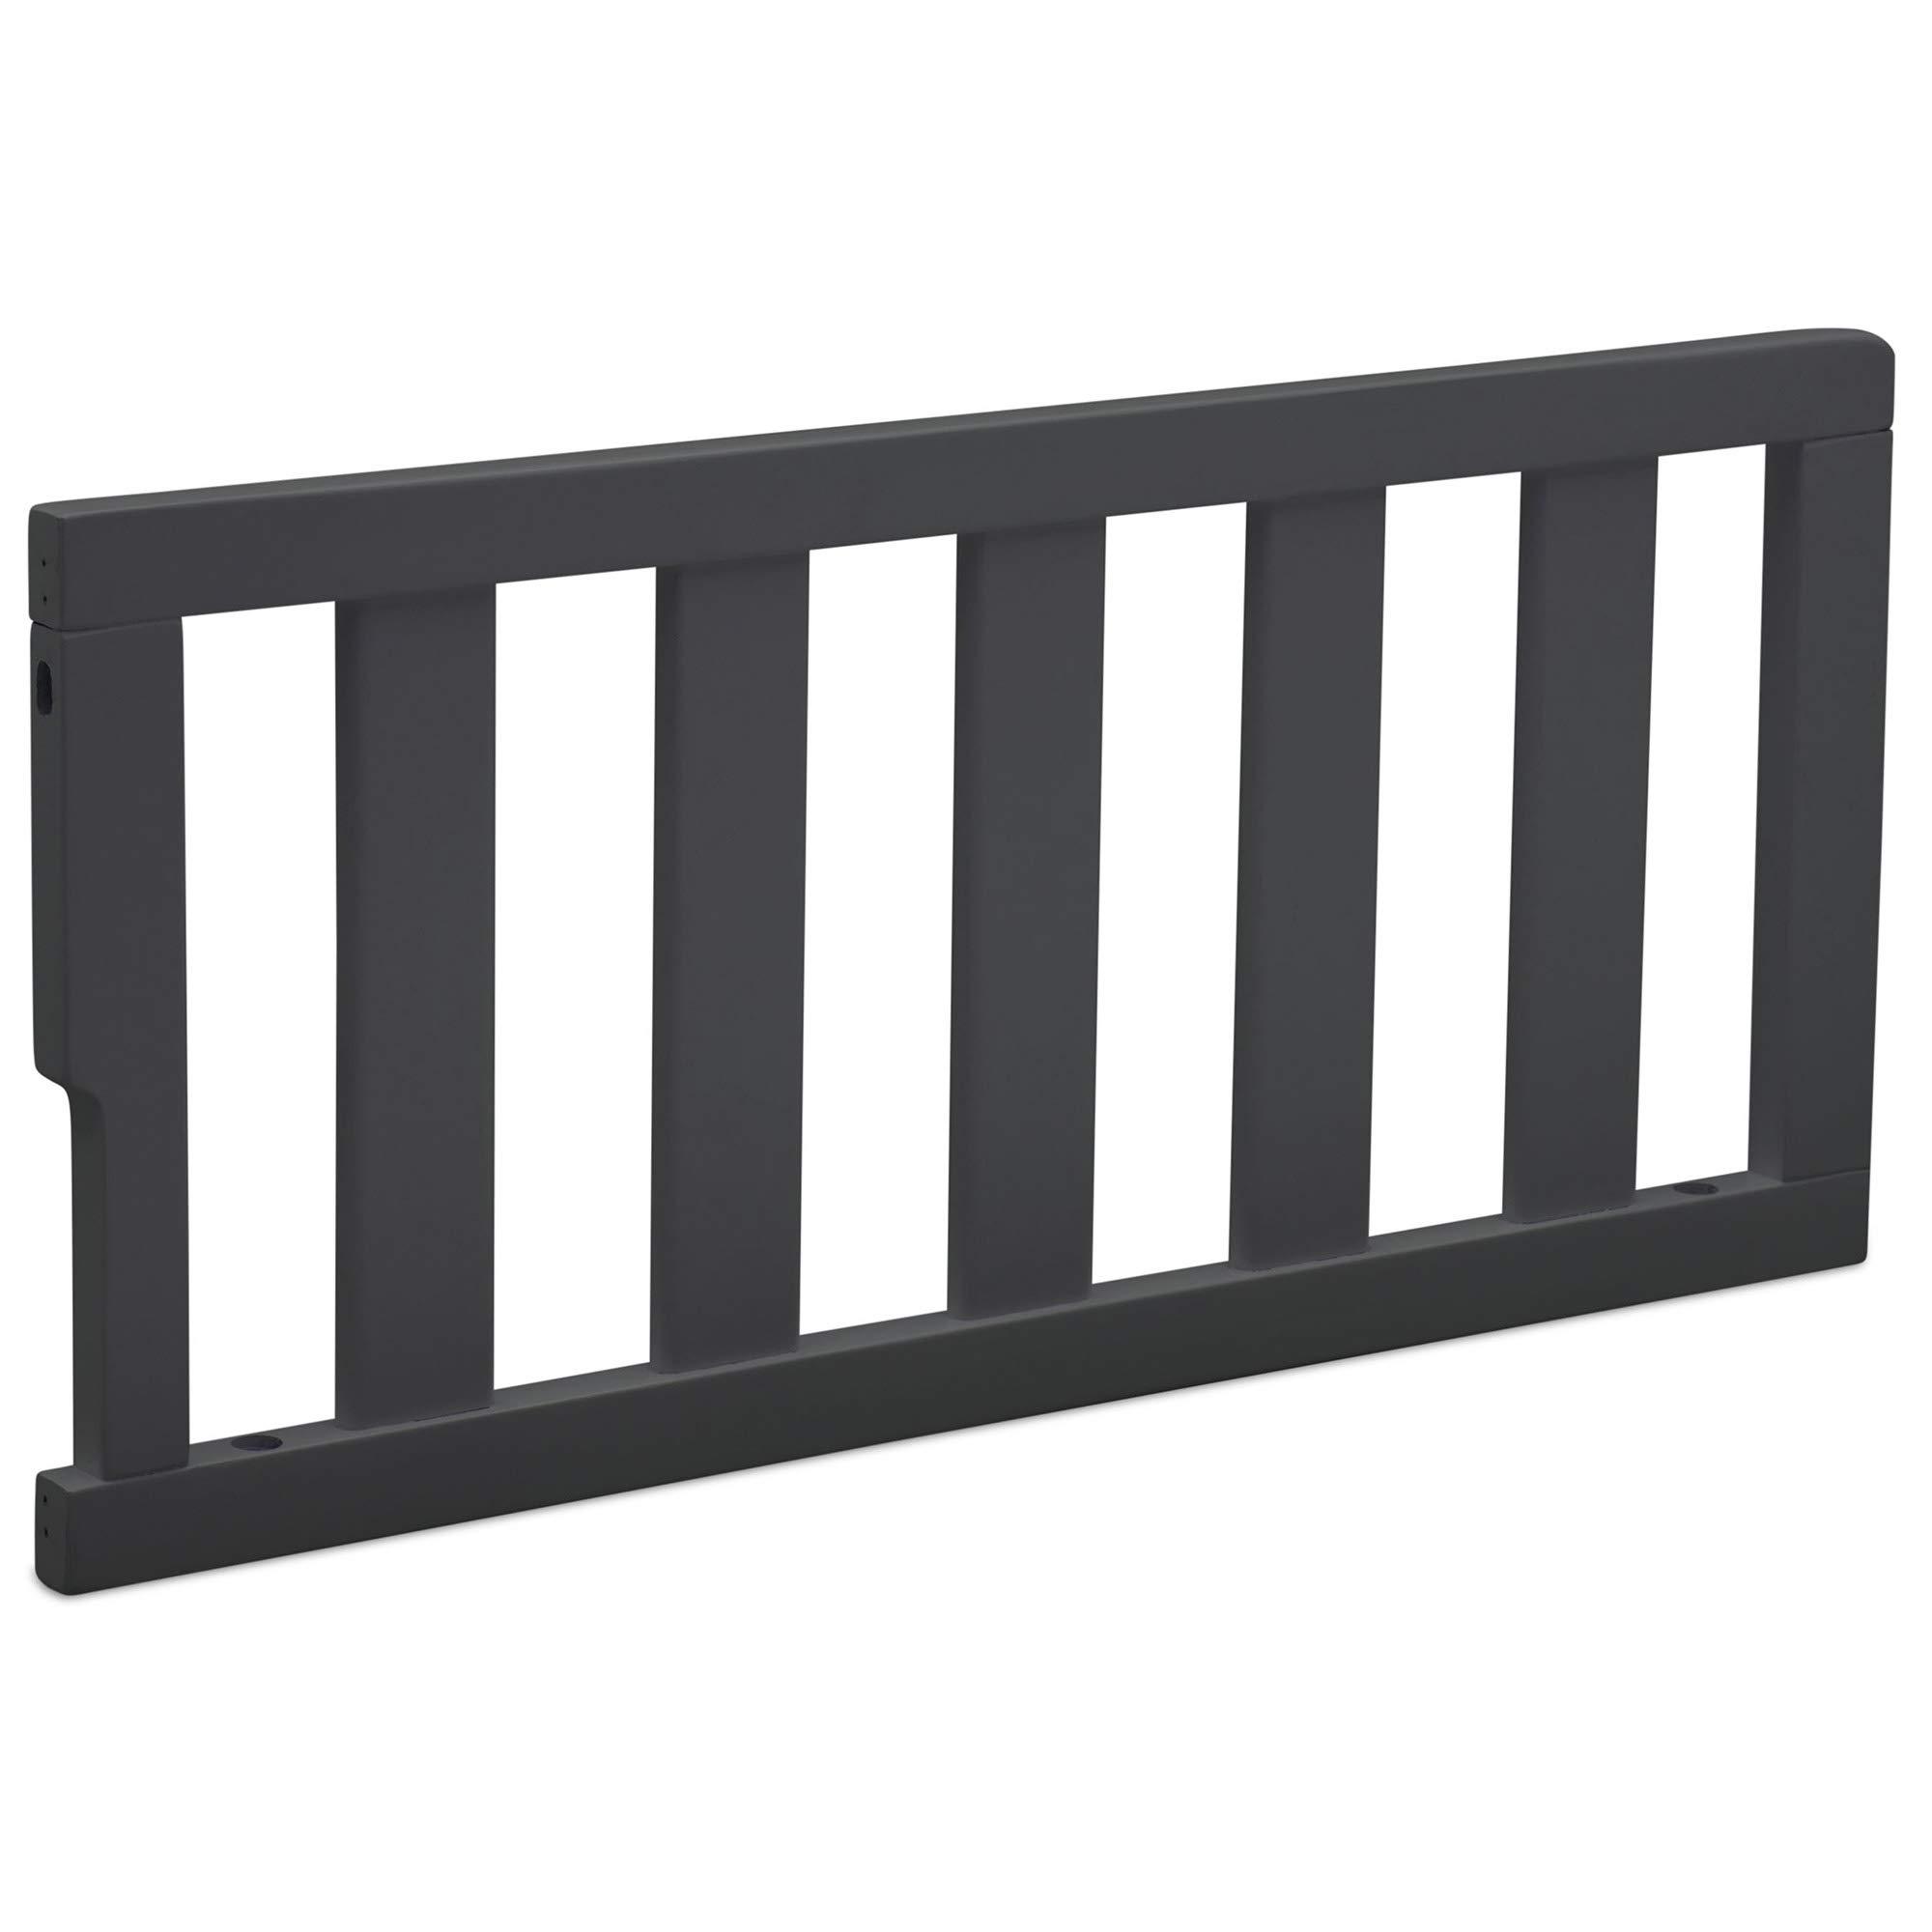 Delta Children Bennington Elite Toddler Guardrail #550725, Charcoal Grey by Delta Children